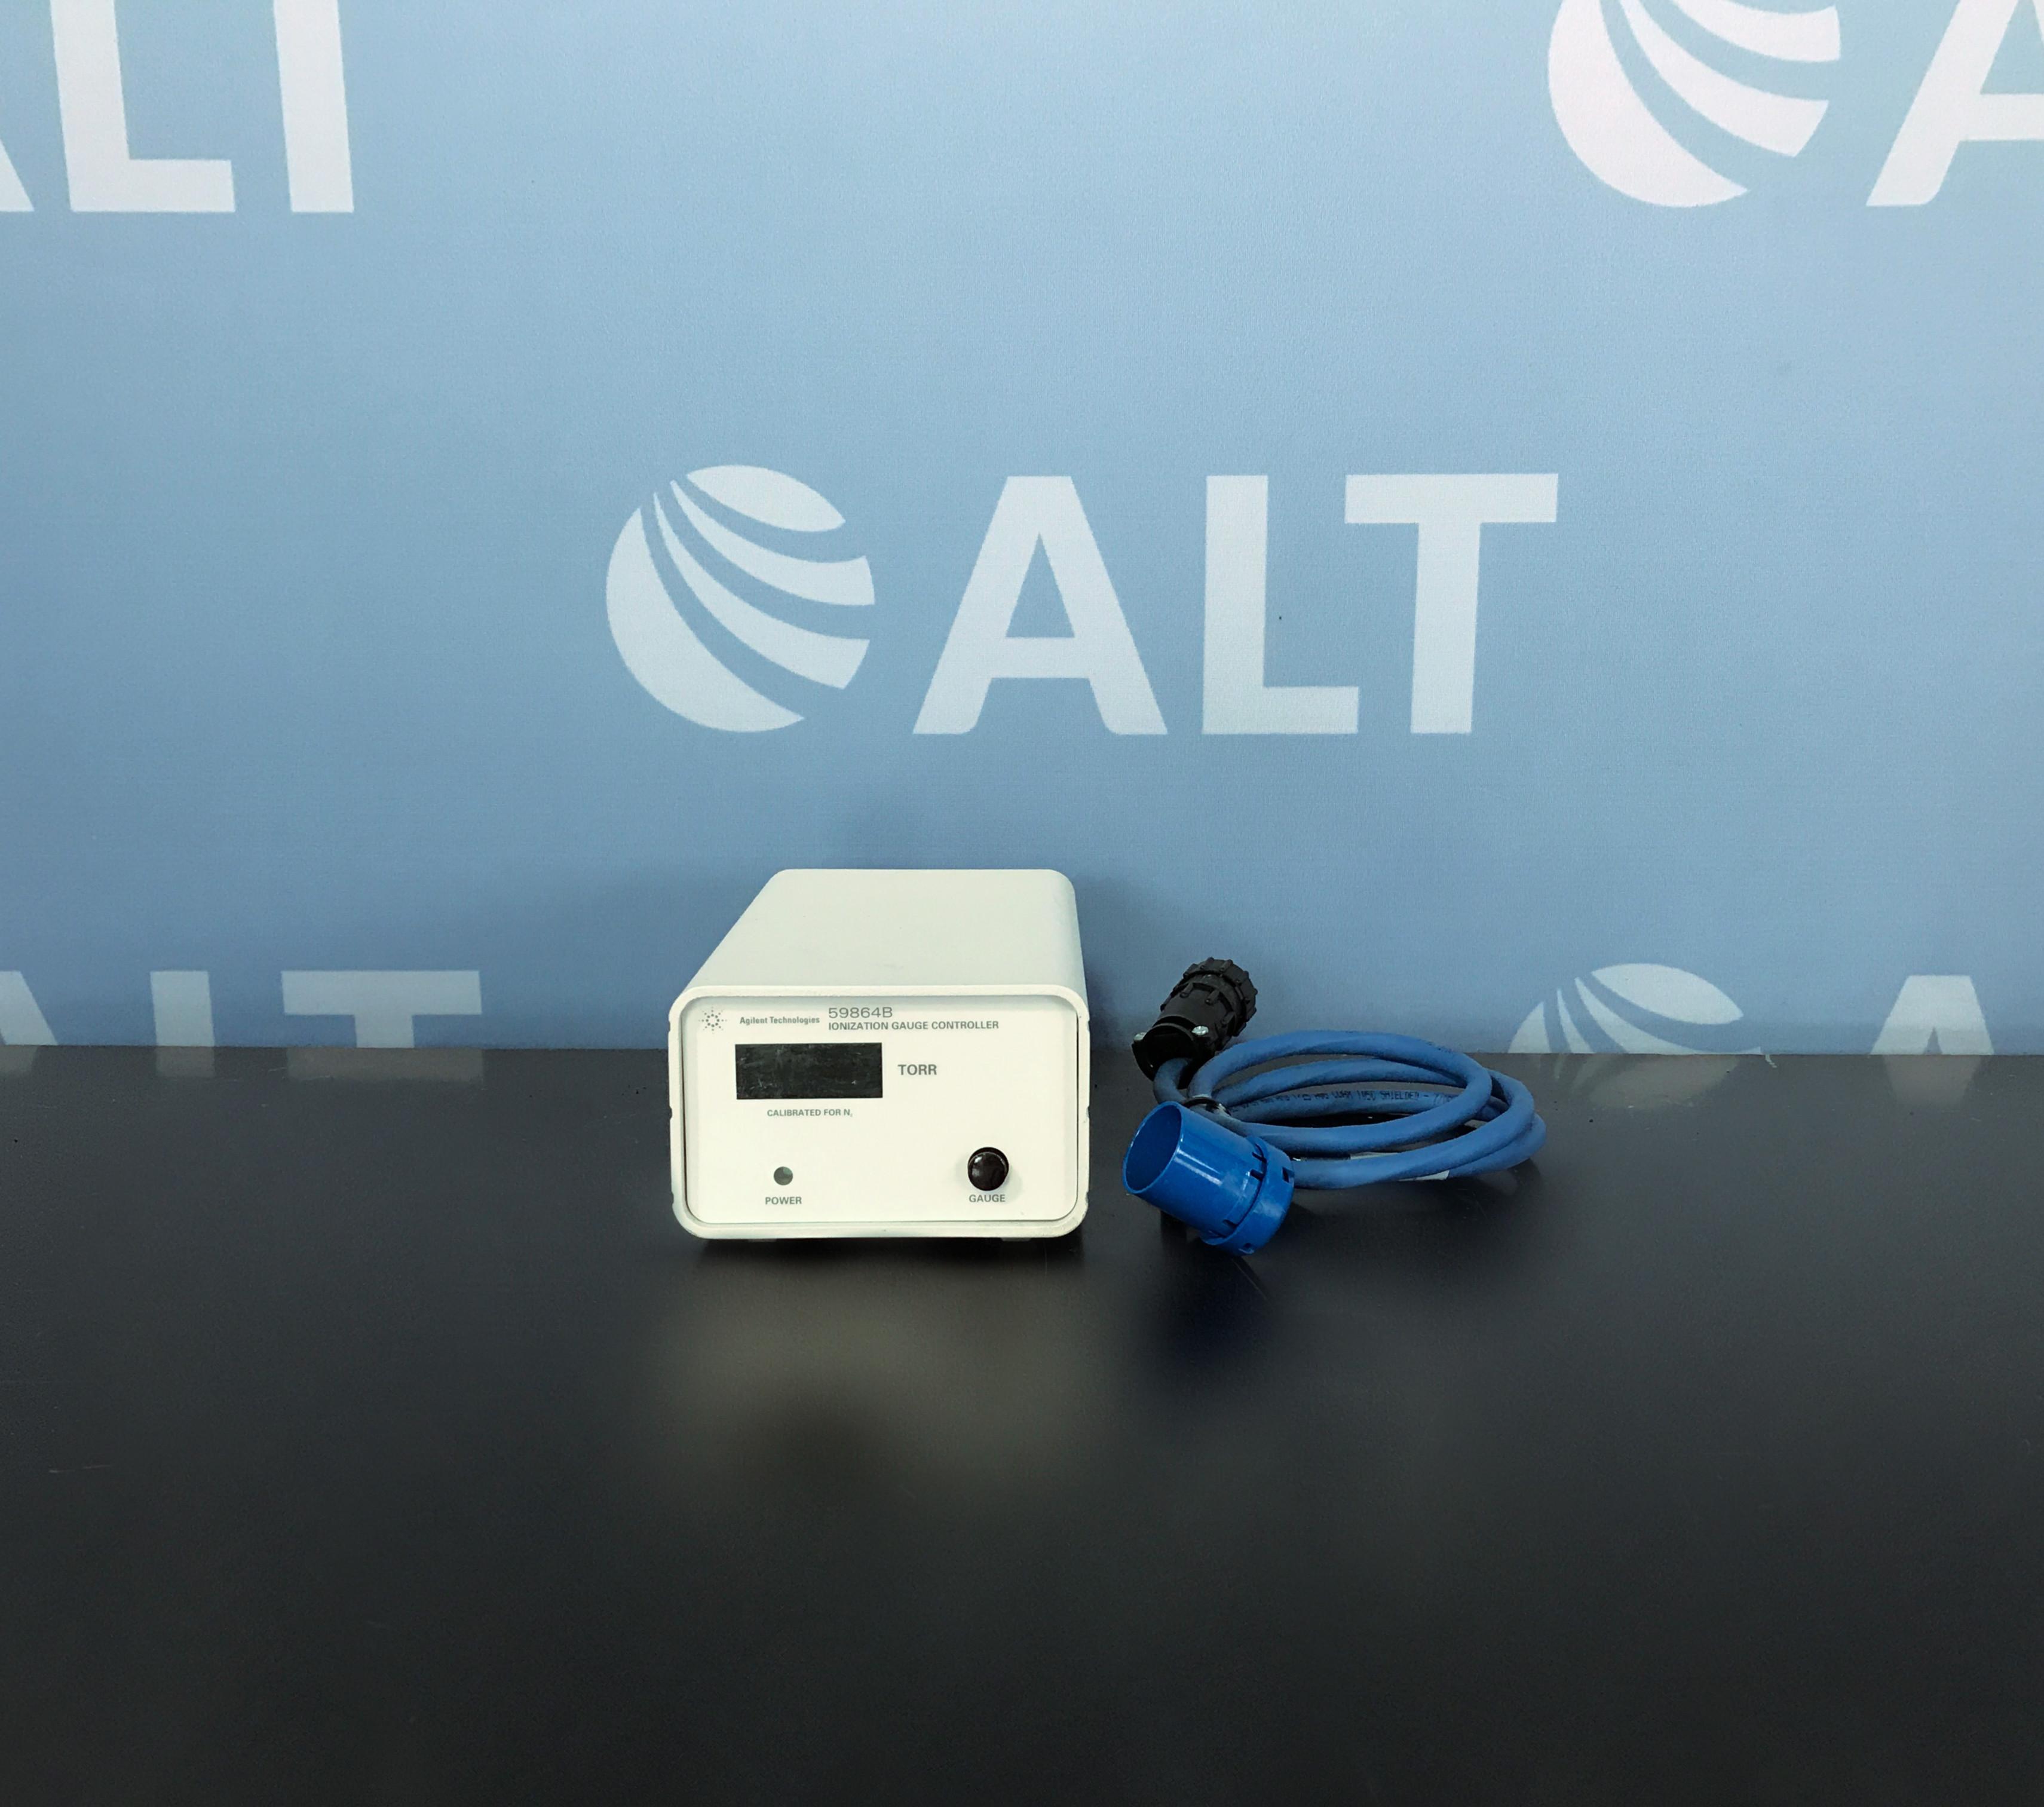 Agilent 59864B Ionization Gauge Controller Image